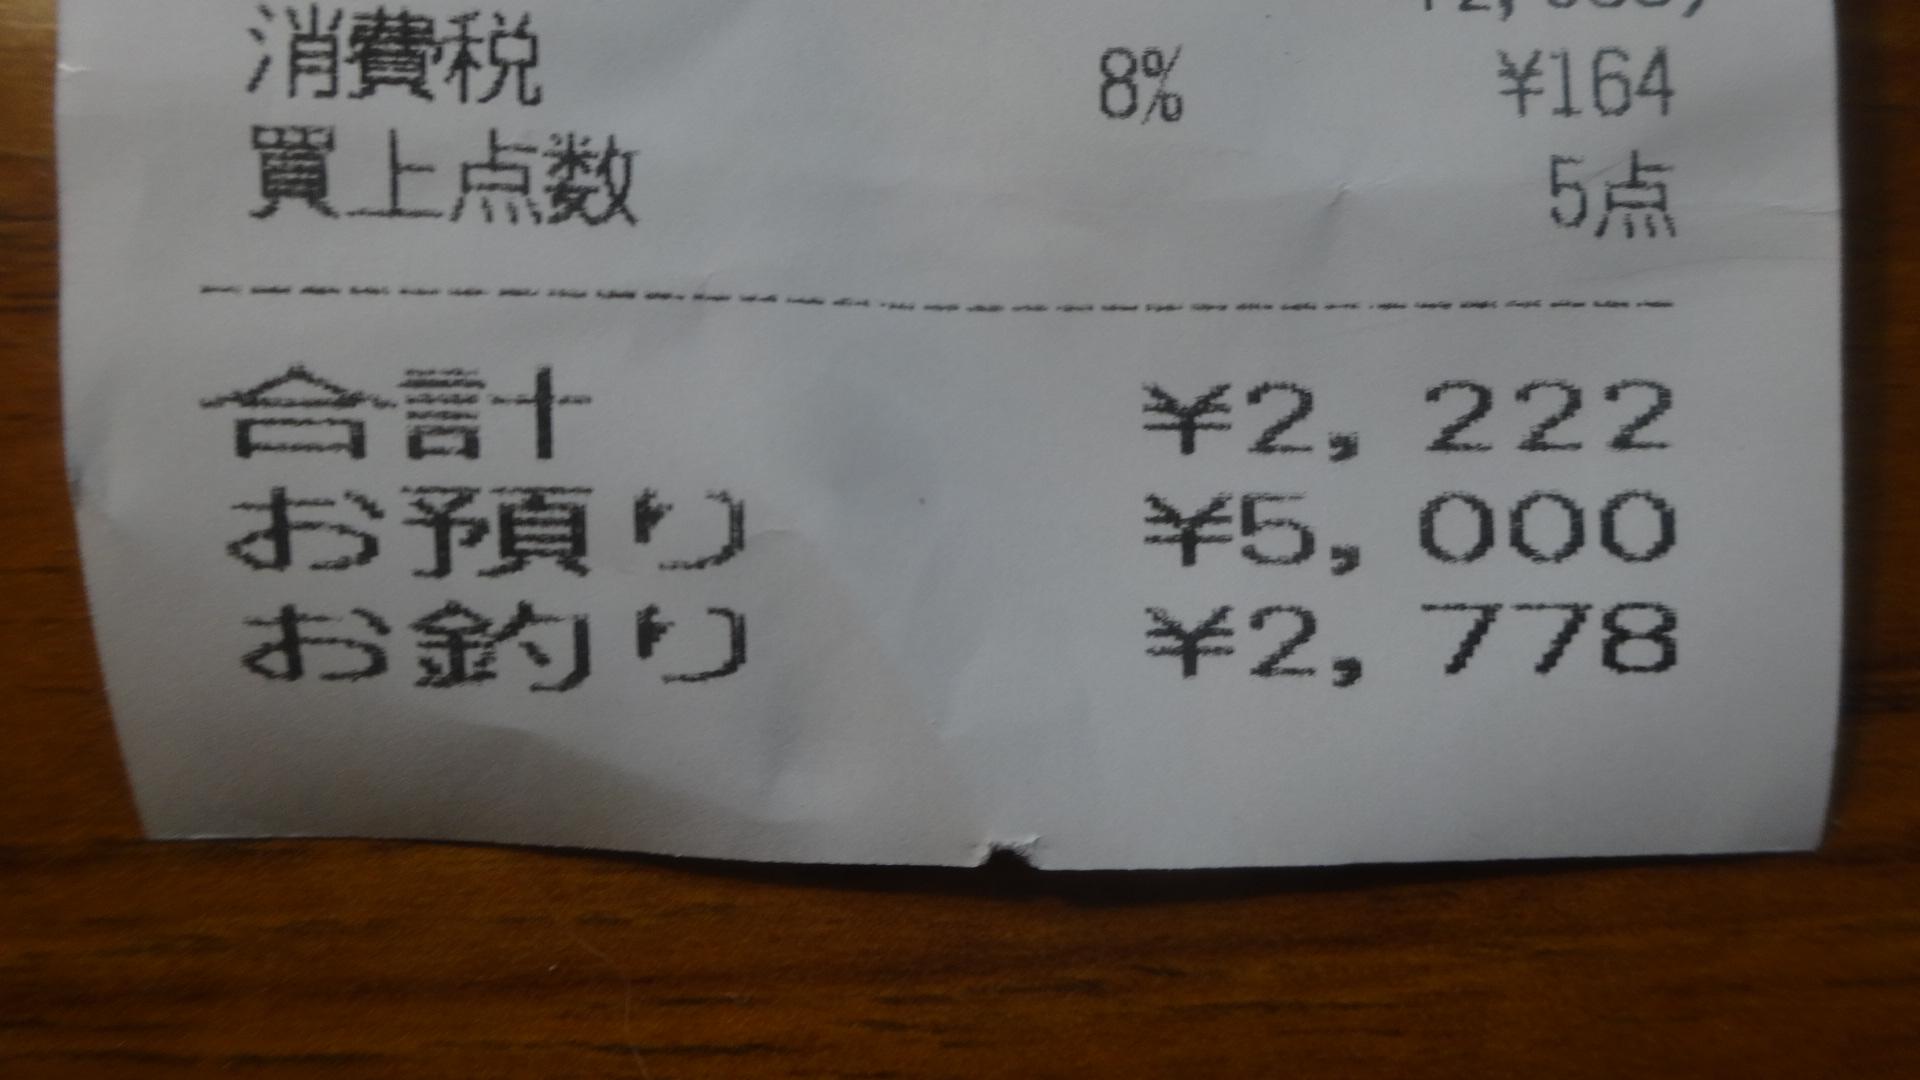 合計金額が2222円のレシートの写真